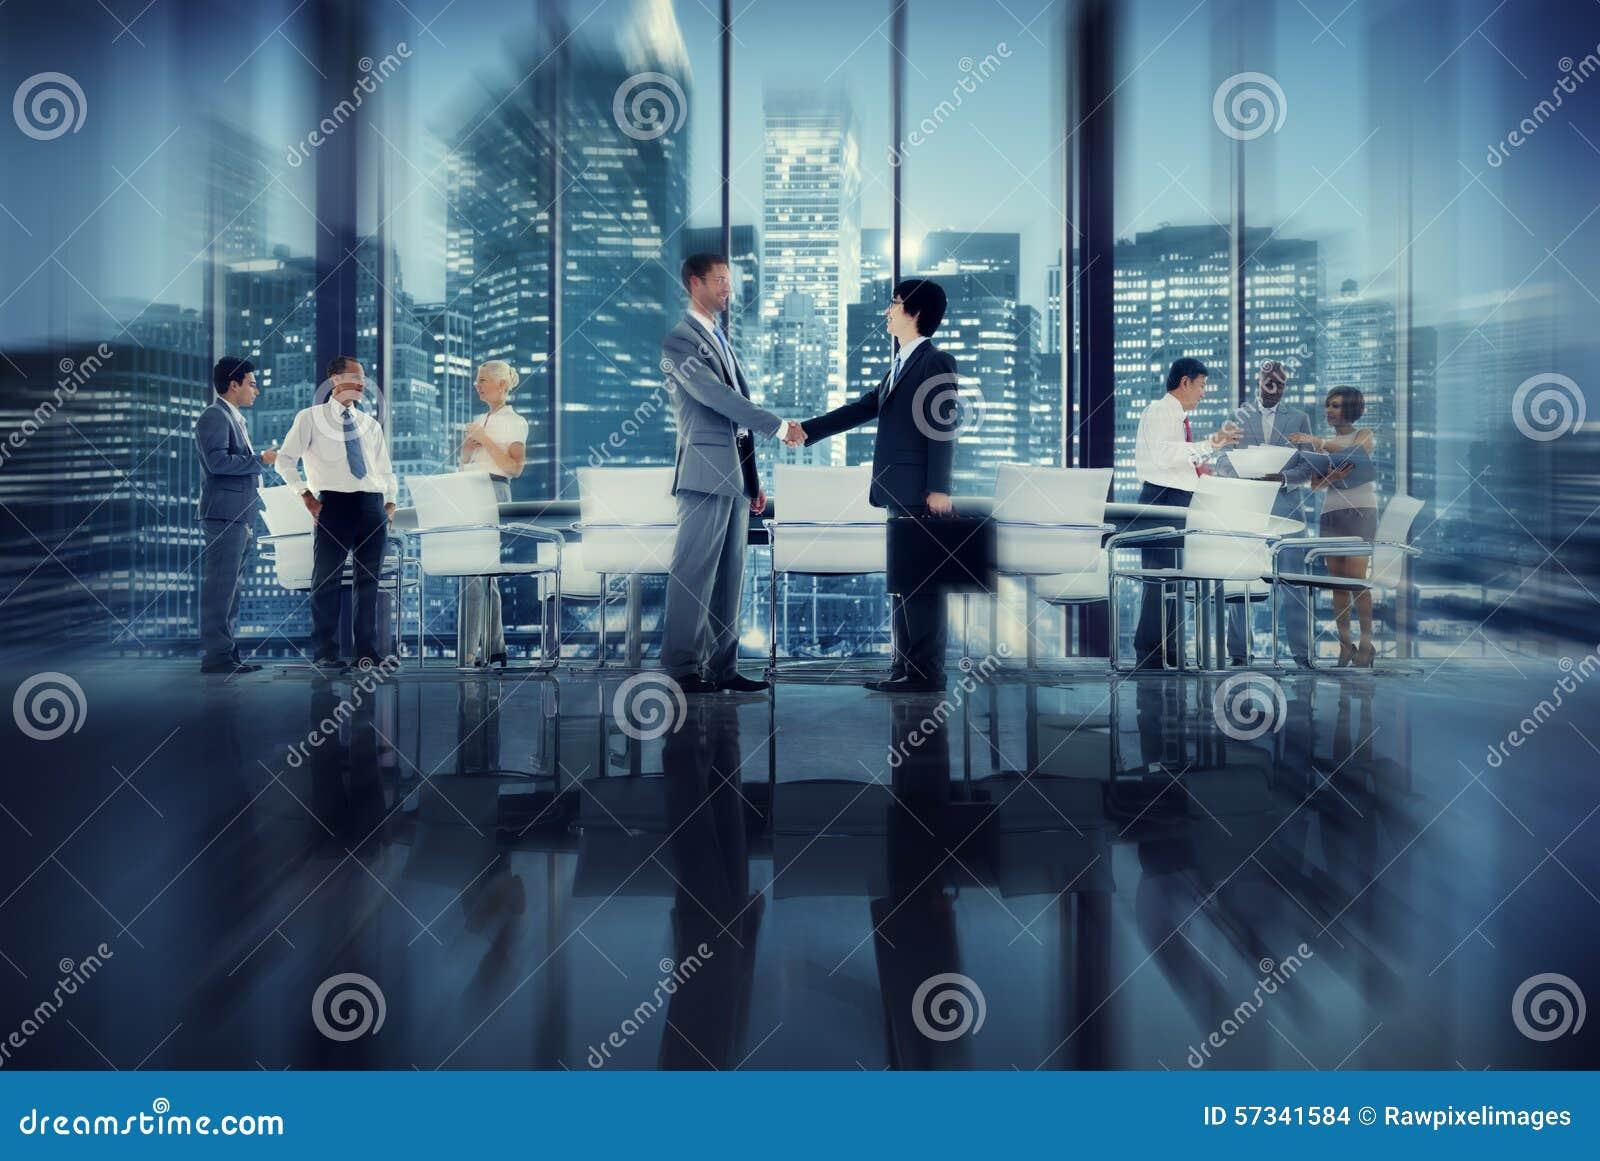 Di Team Teamwork Meeting Conference Conce della stretta di mano gente di affari